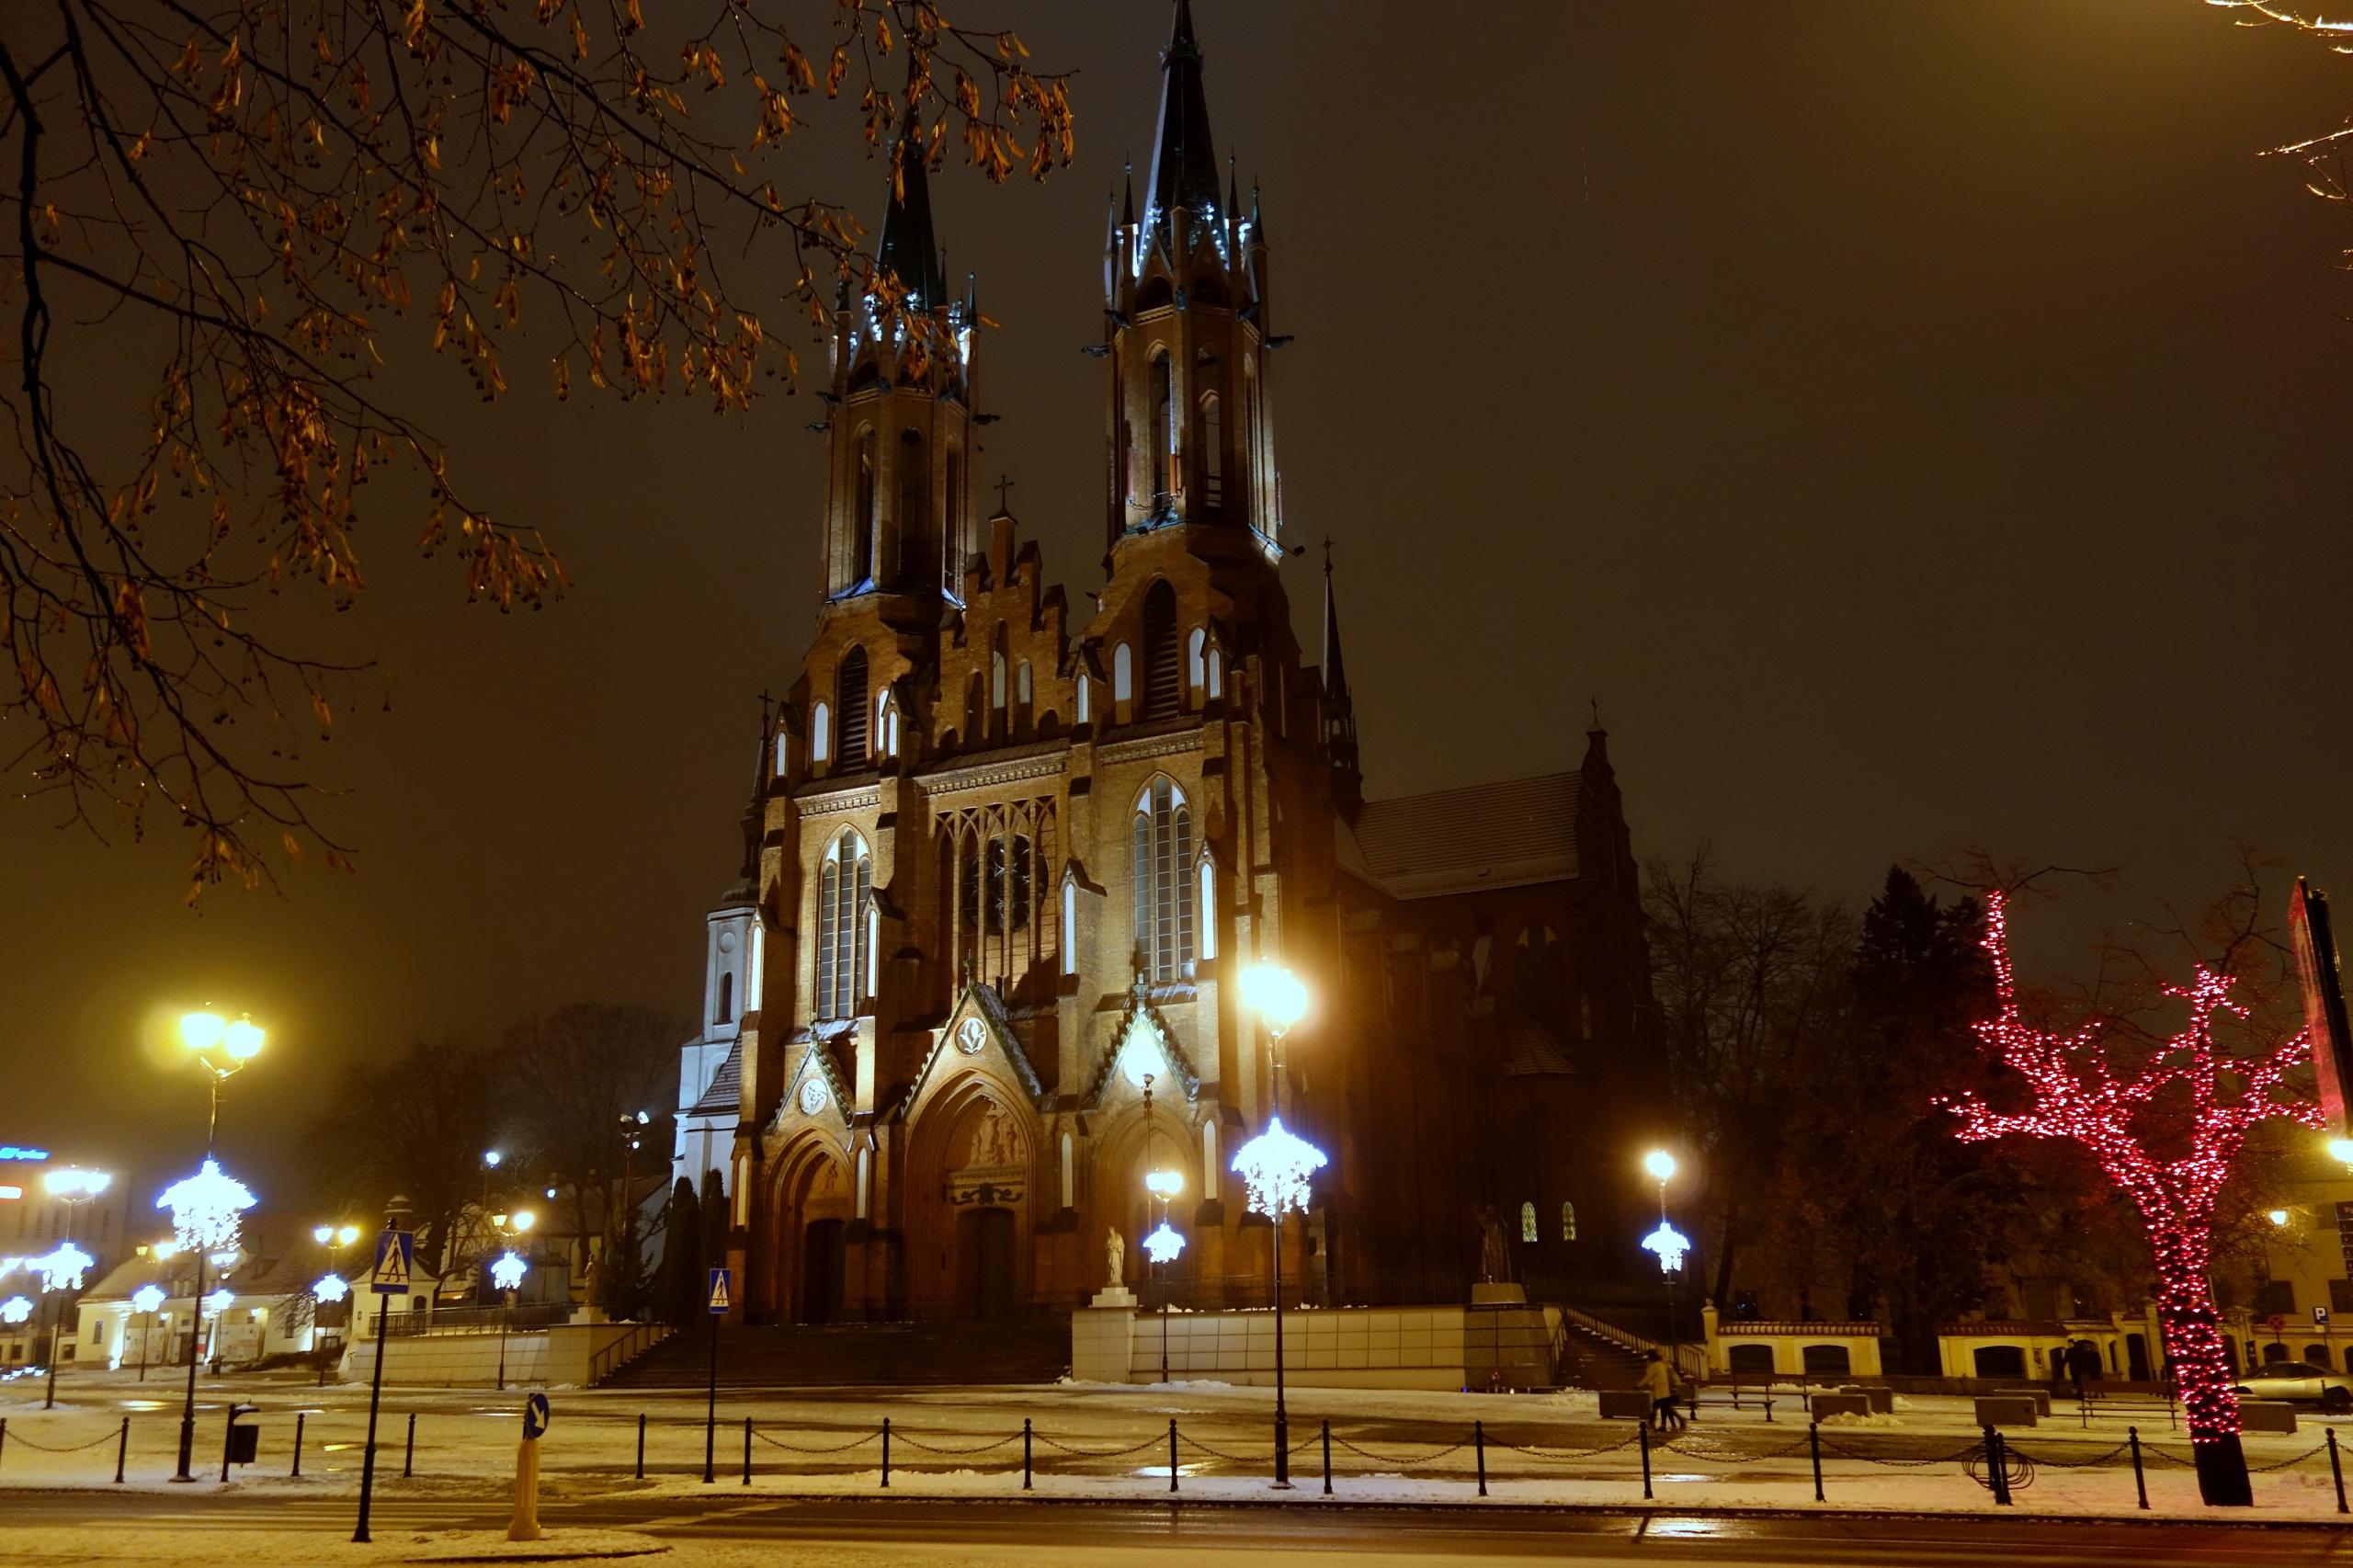 Białystok nocą - Bazylika archikatedralna Wniebowzięcia Najświętszej Maryi Panny w Białymstoku